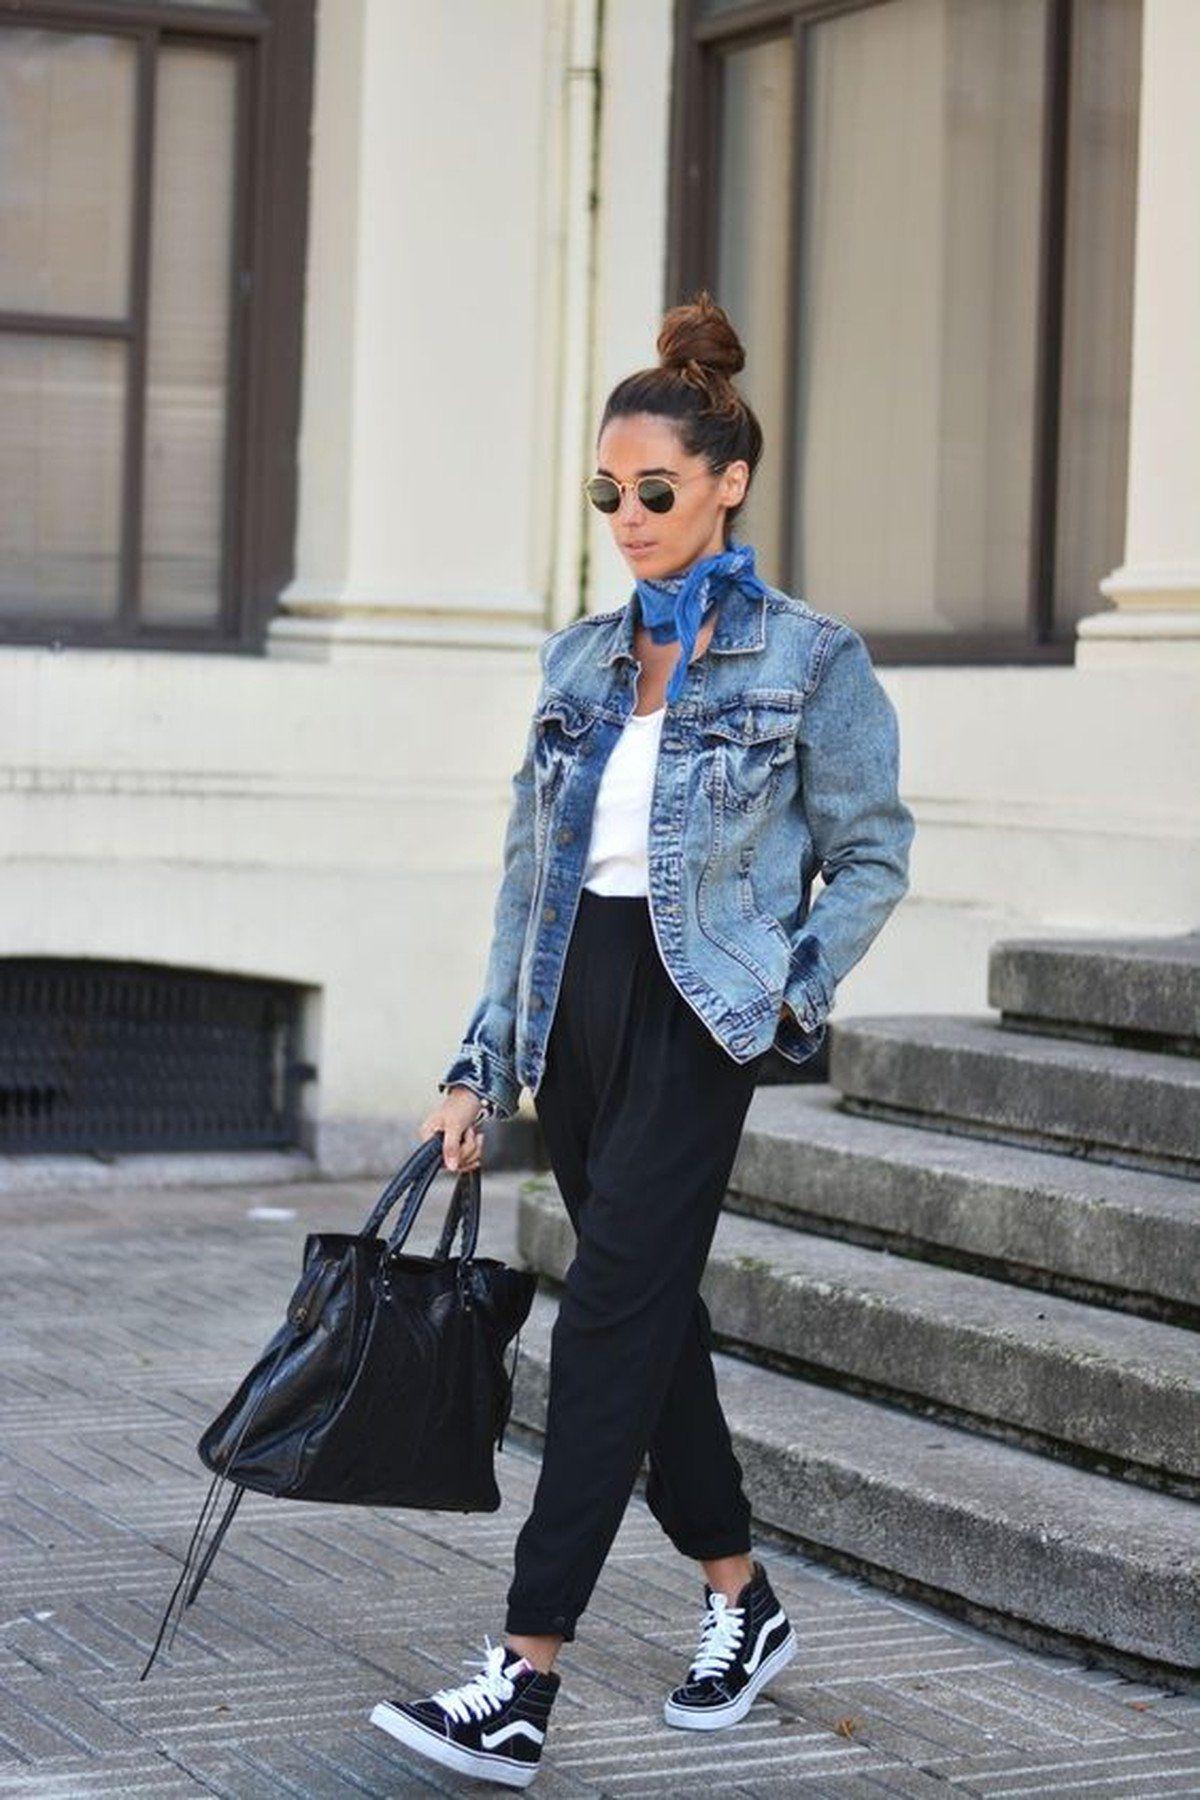 Chica usando pantalones negros con tenis blusa blanca y chaqueta de  mezclilla fac8763aea13